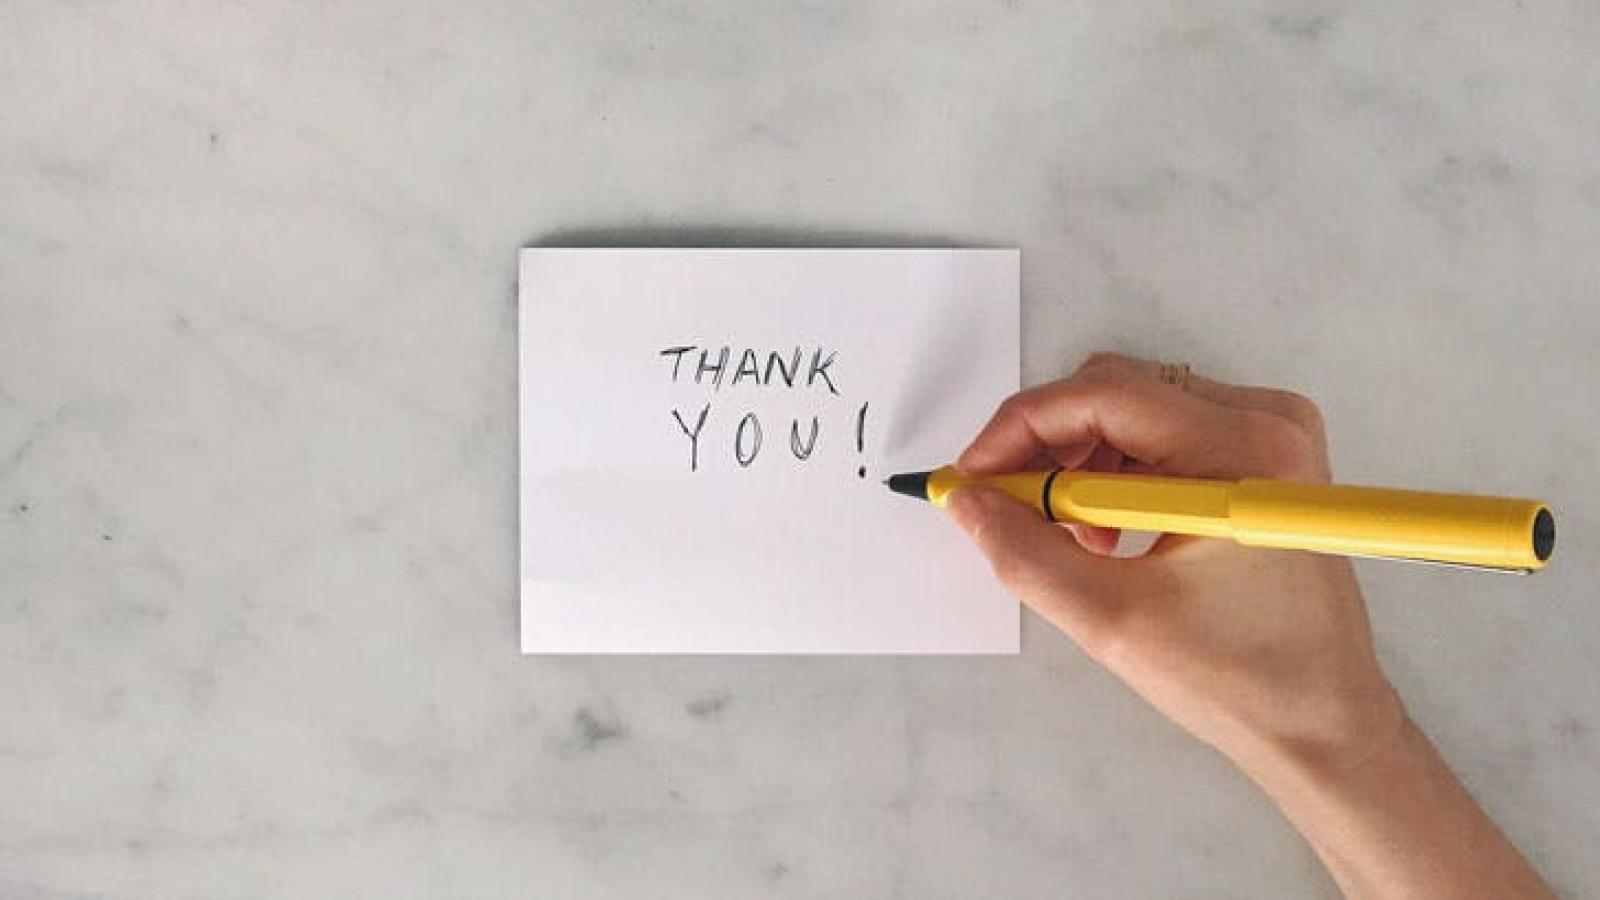 Những cách tỏ lòng biết ơn tới người khác vào mùa Giáng Sinh